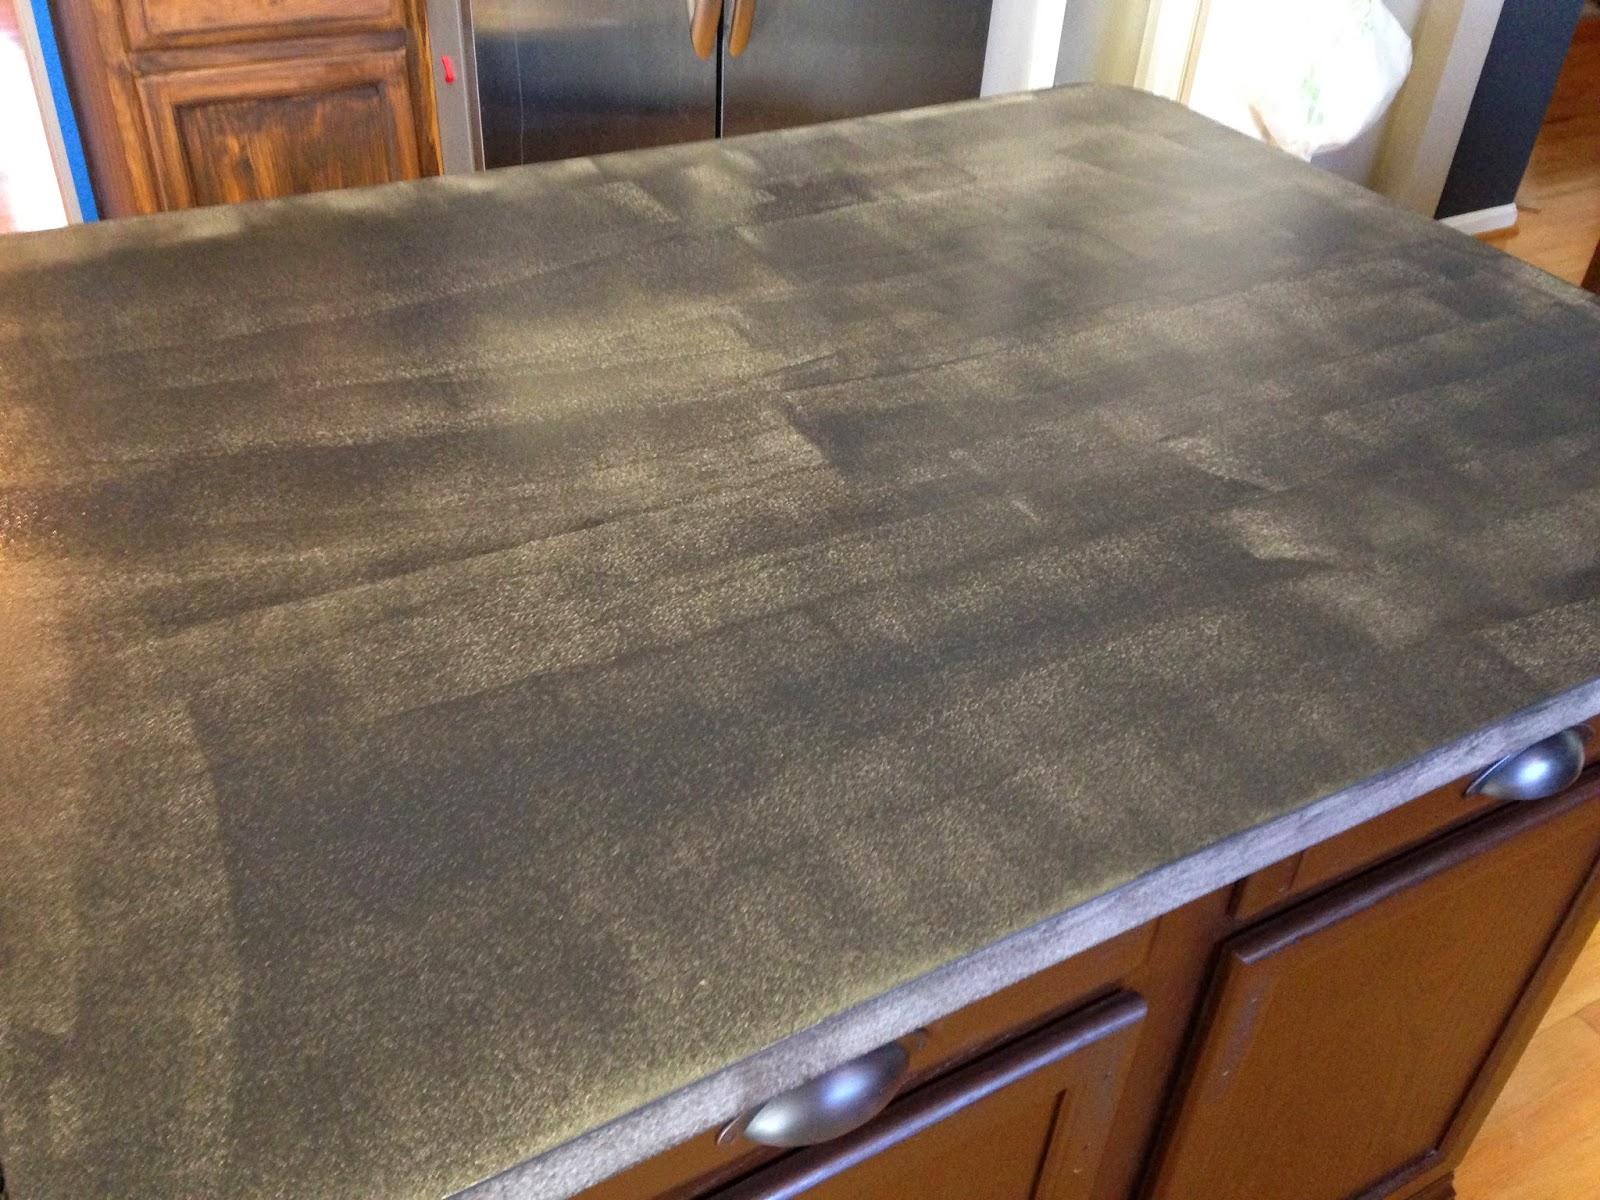 Chalkboard Paint + Countertops